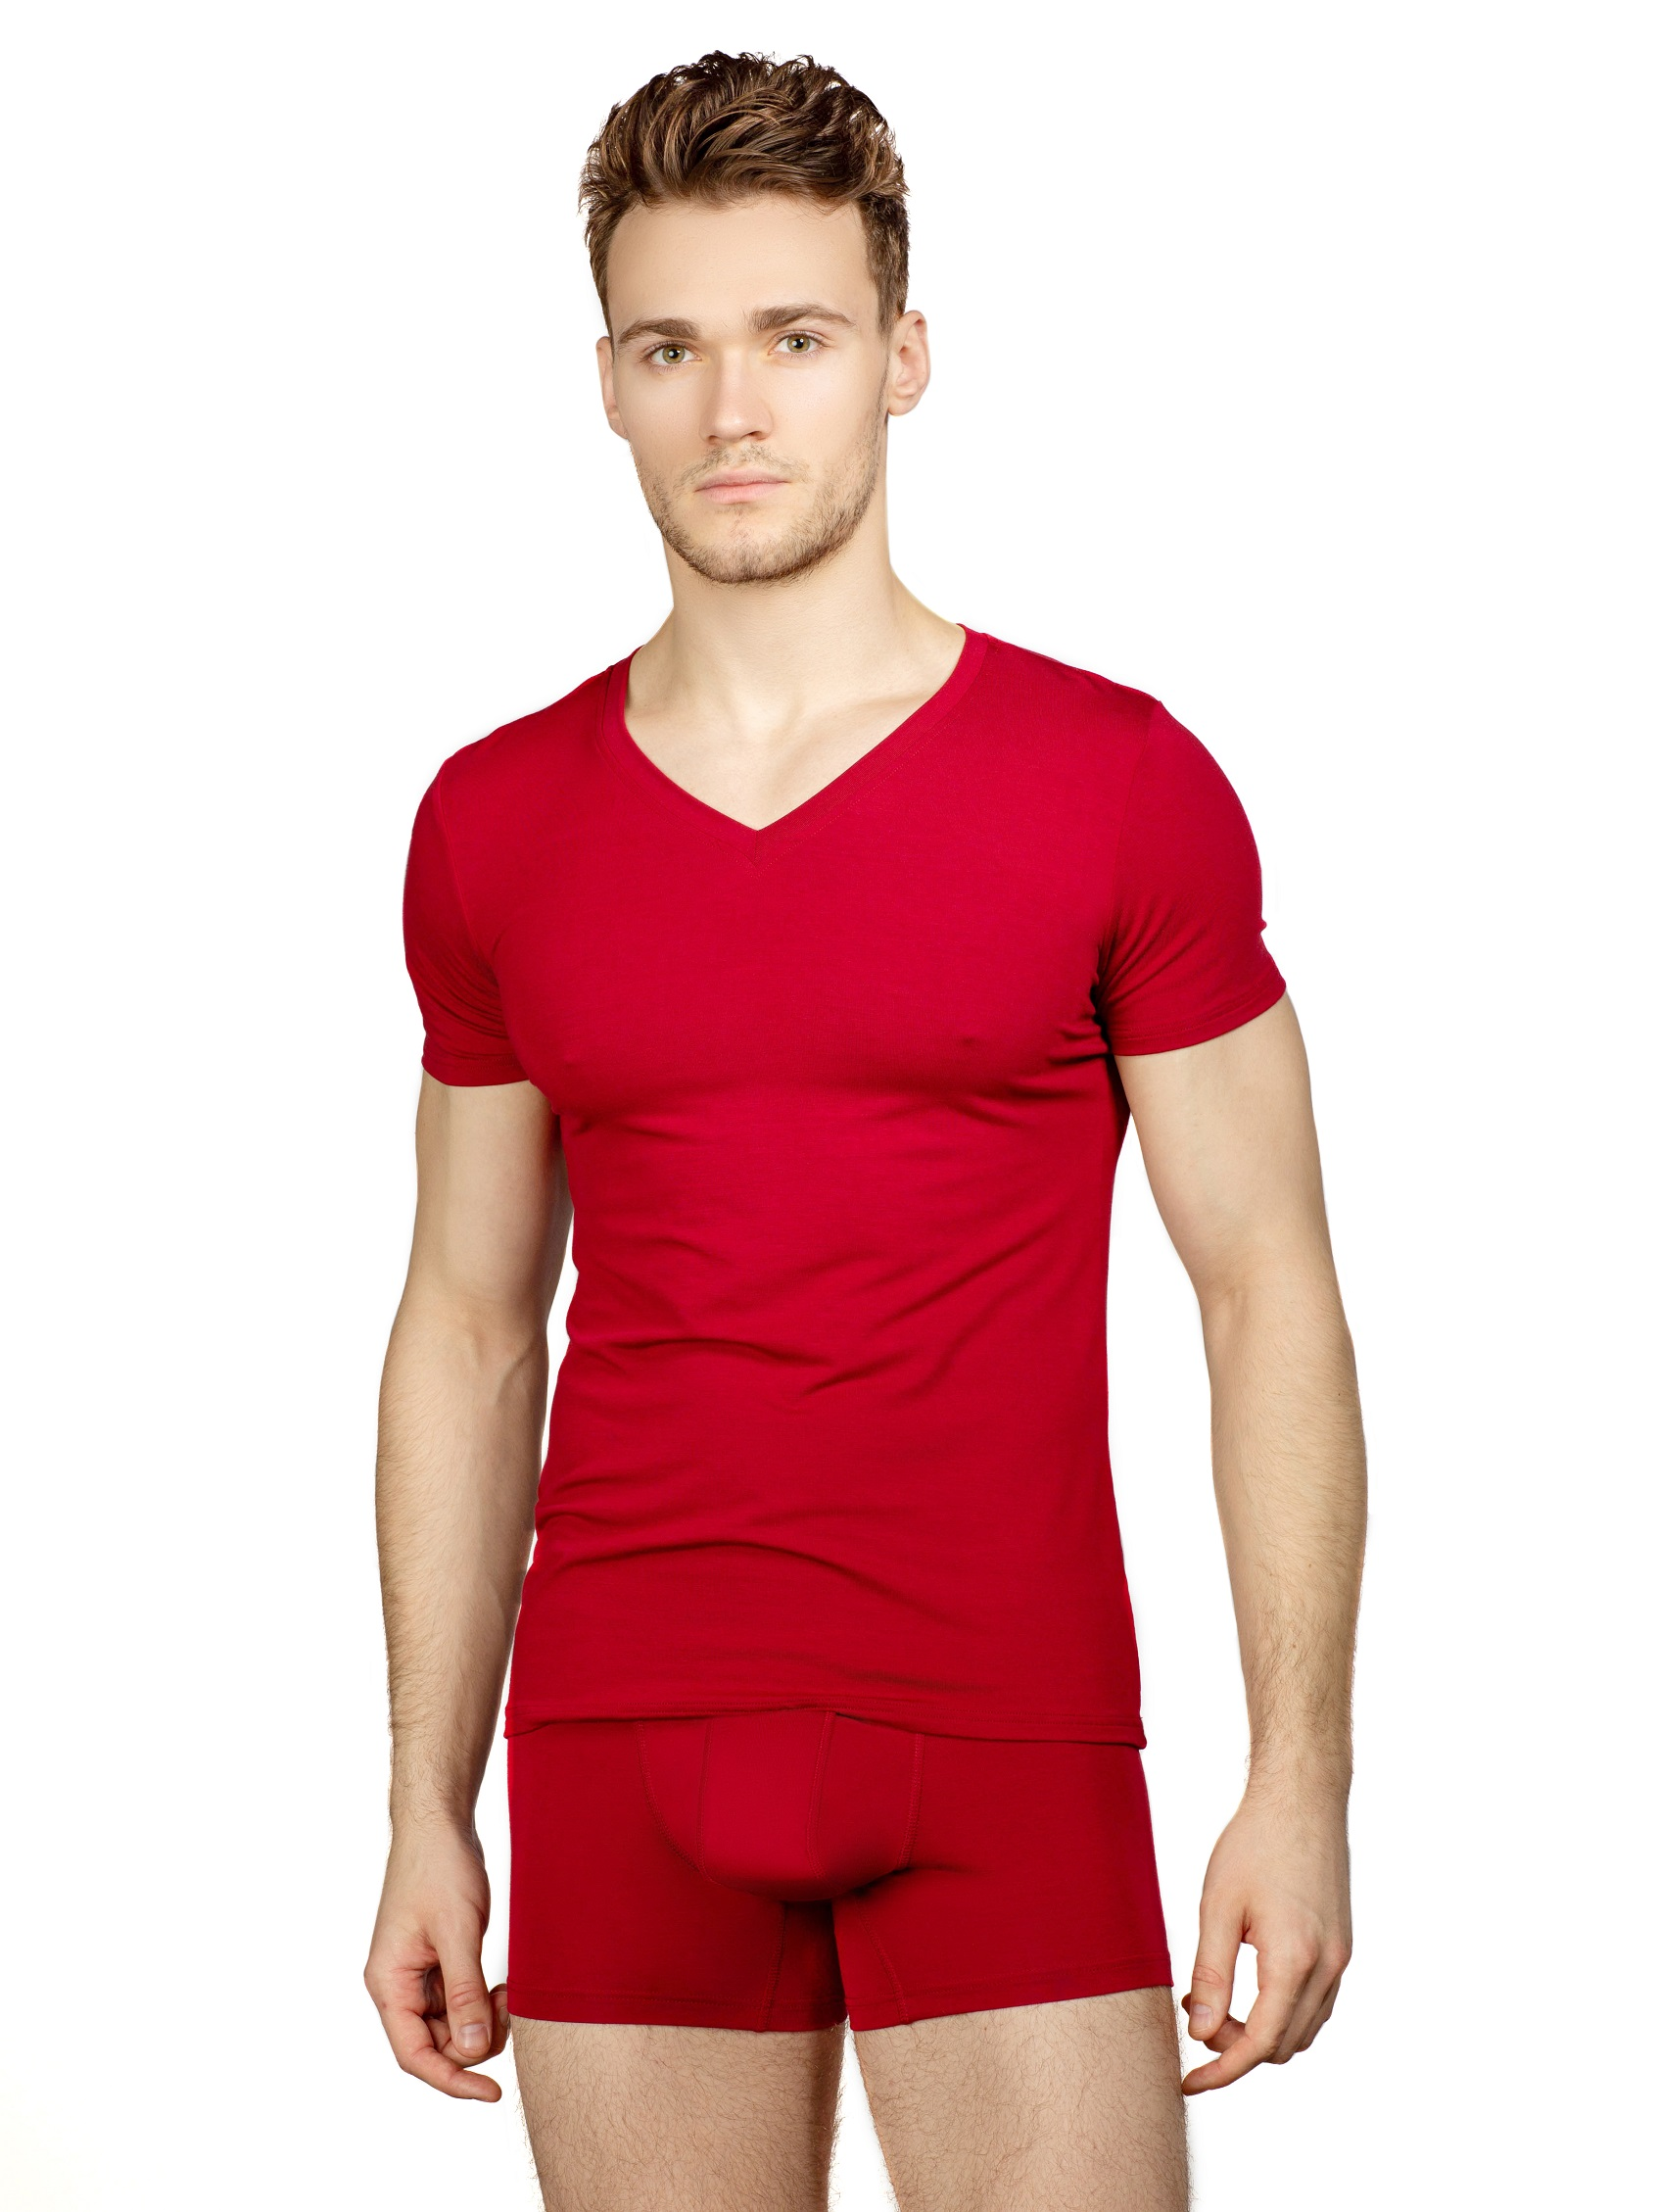 Бордовая футболка V образный вырез